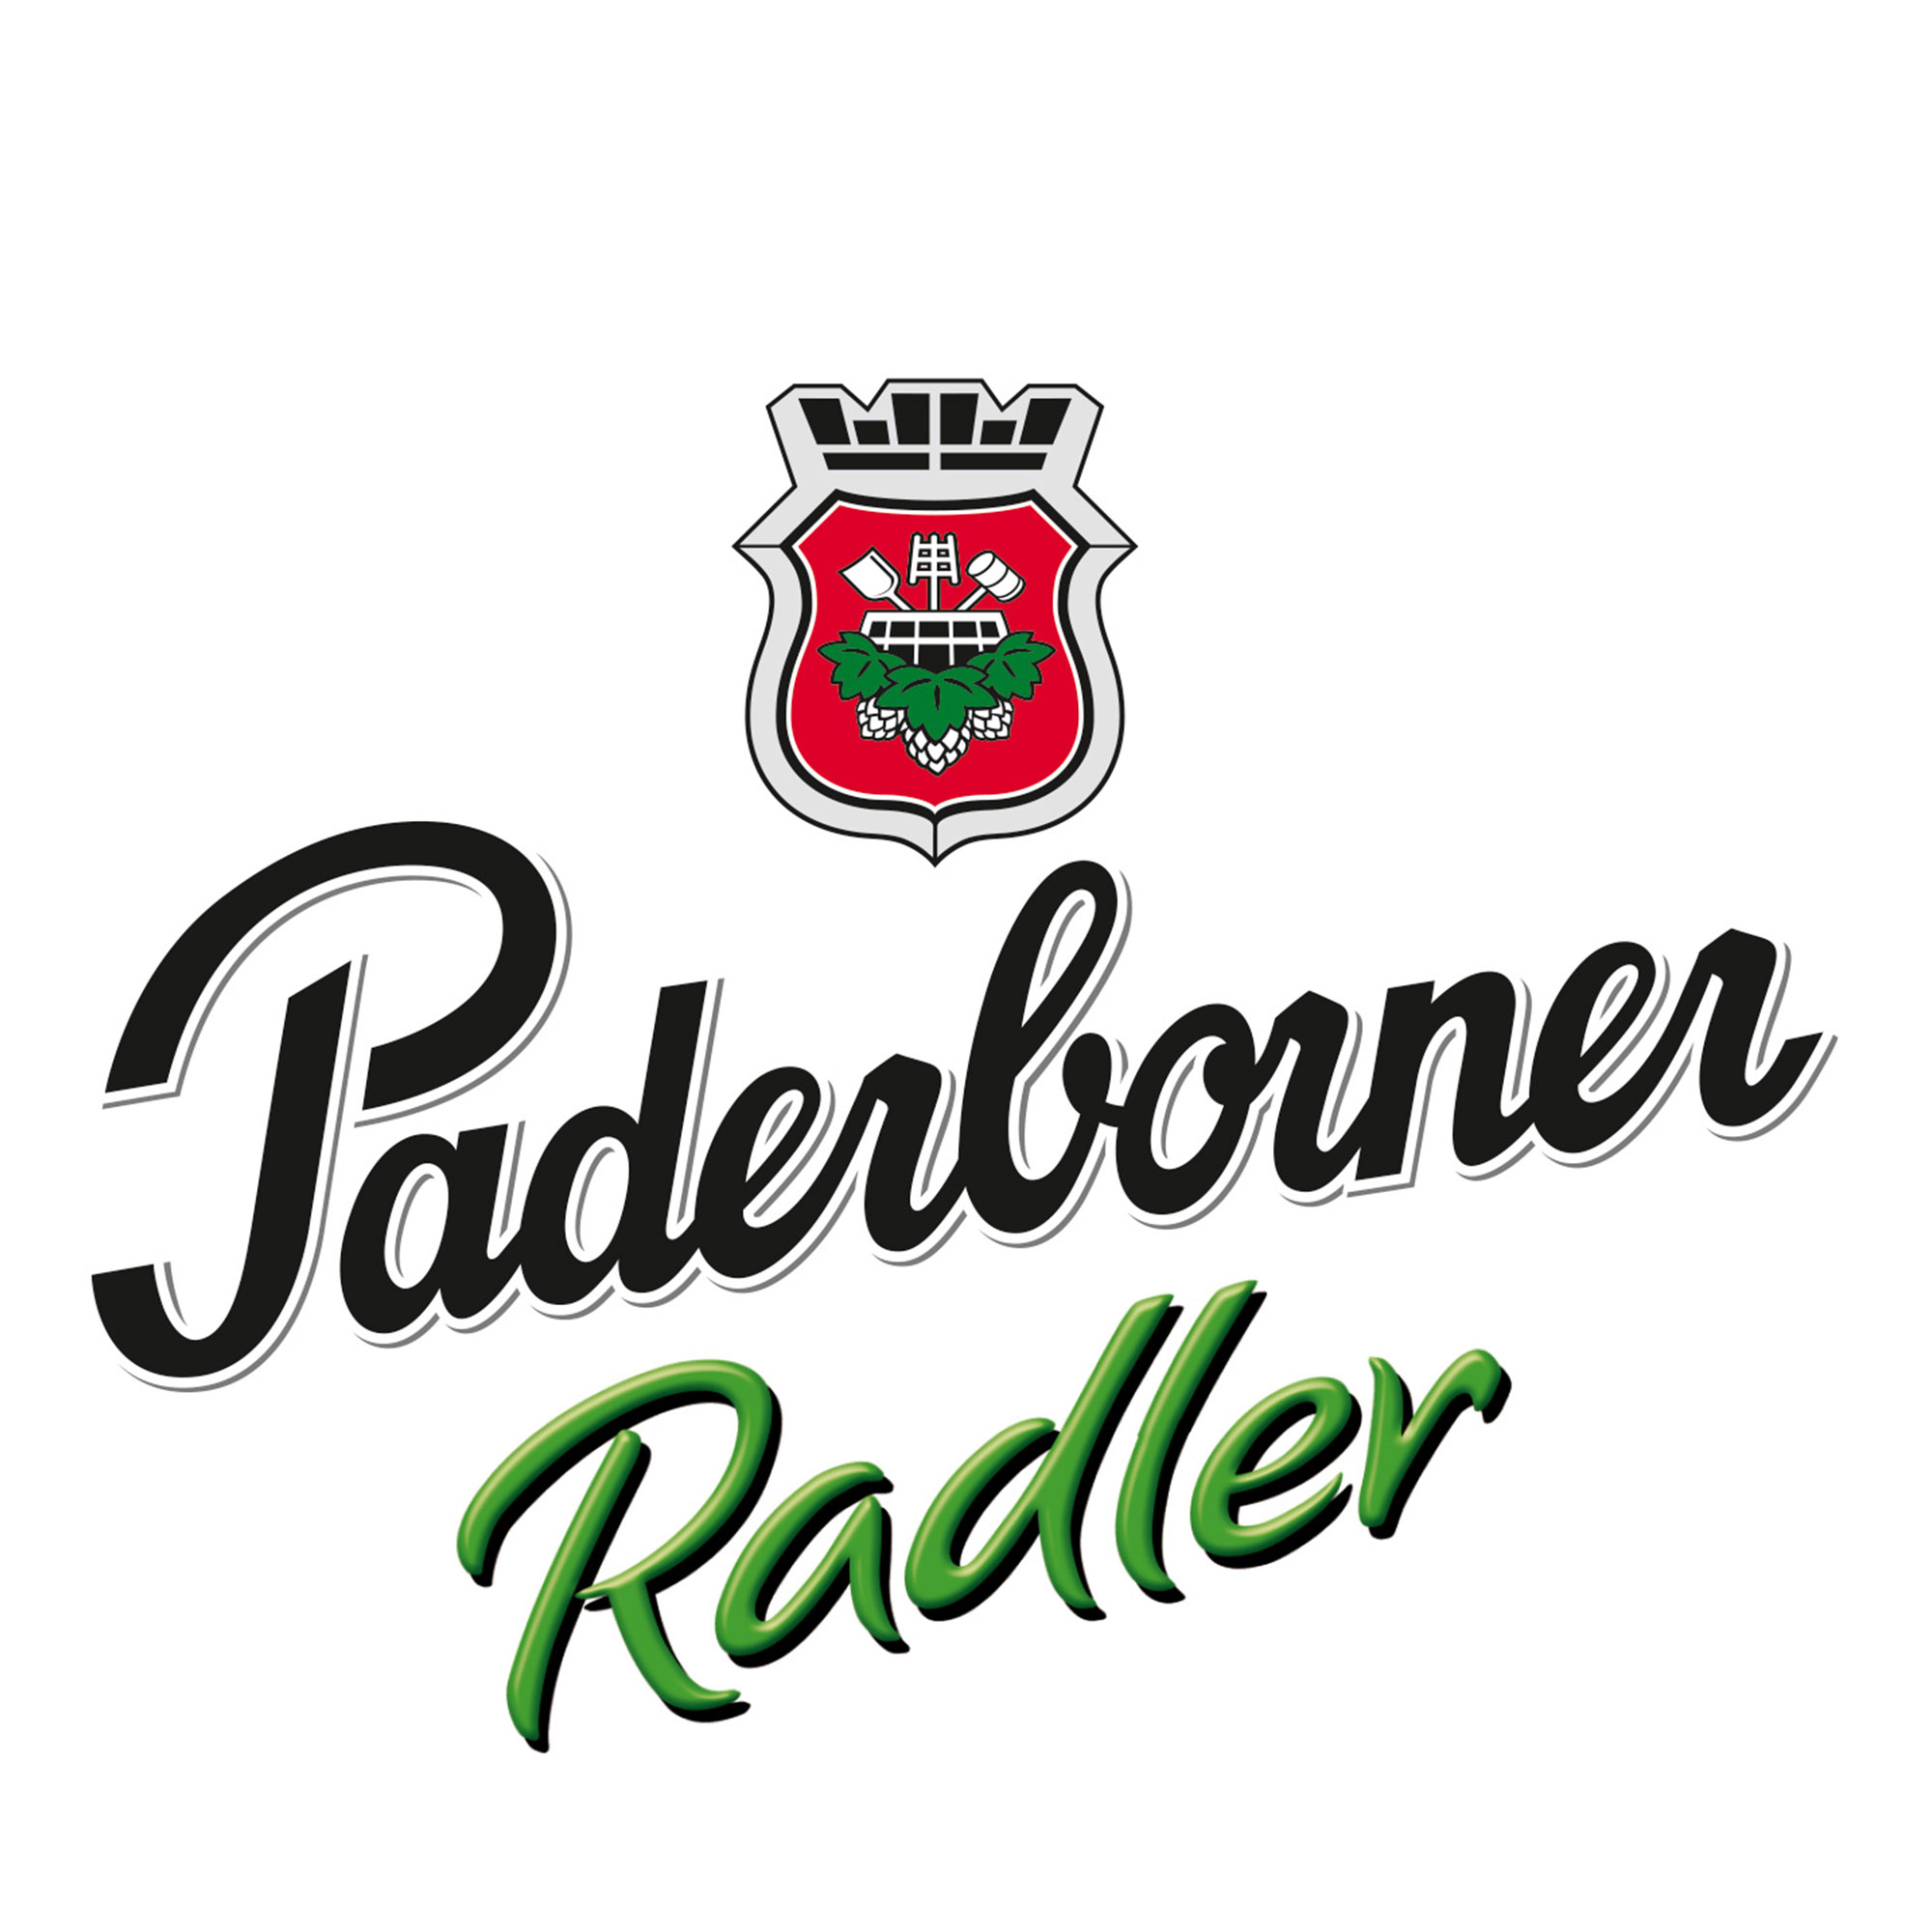 Logo Paderborner Radler